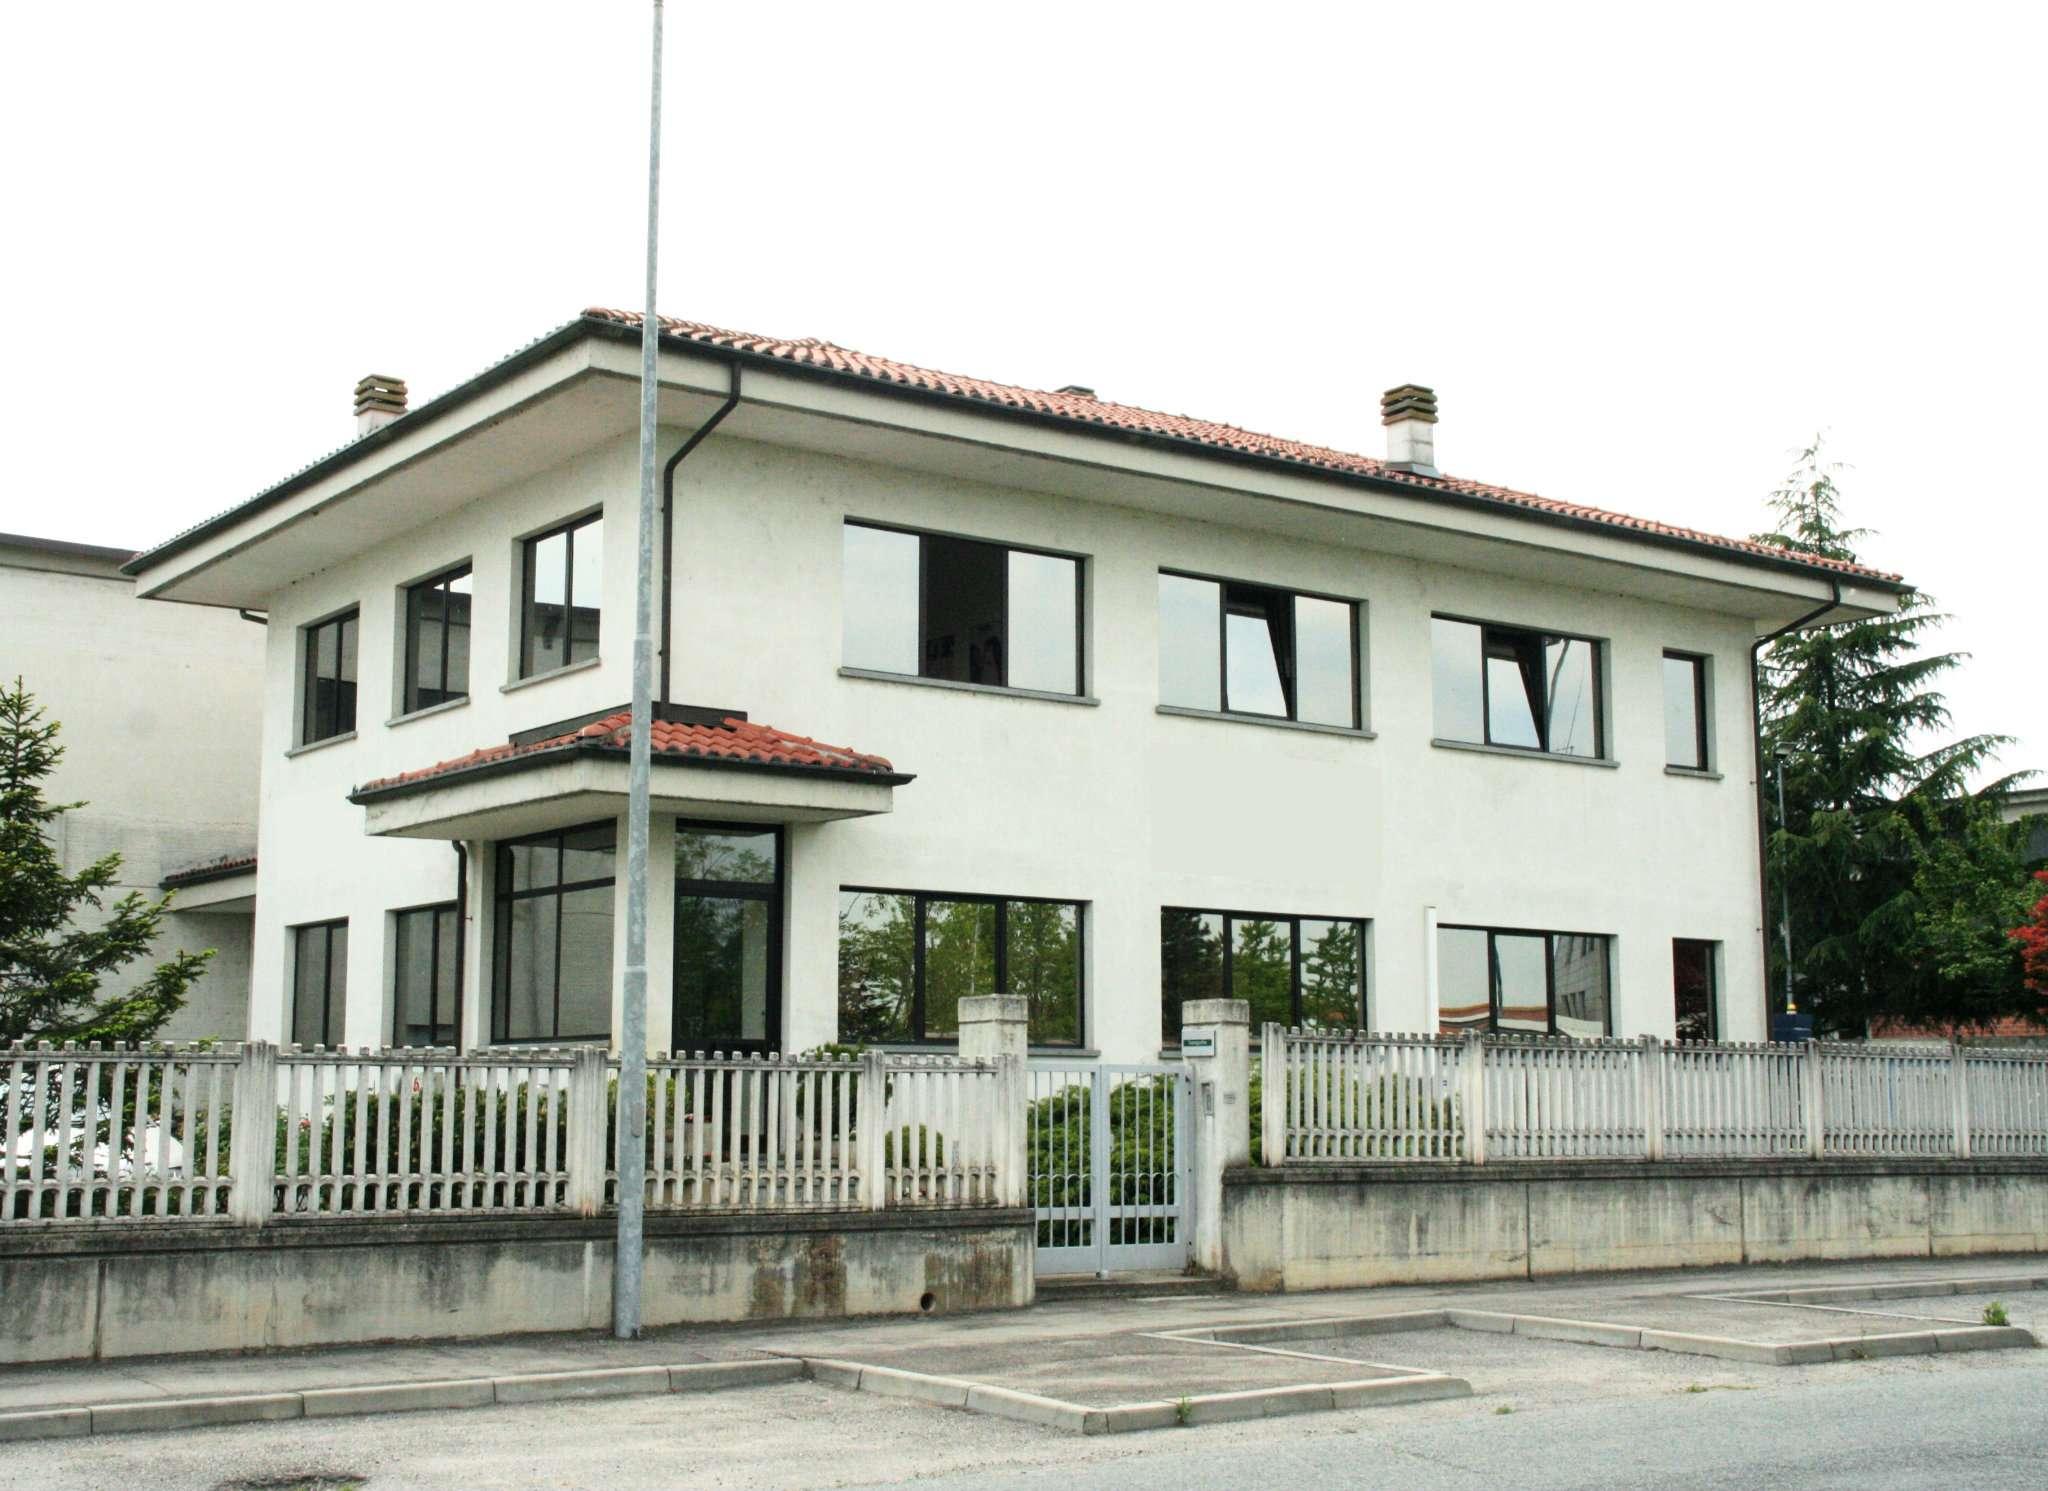 Laboratorio in affitto a Villanova d'Asti, 14 locali, prezzo € 2.800 | CambioCasa.it